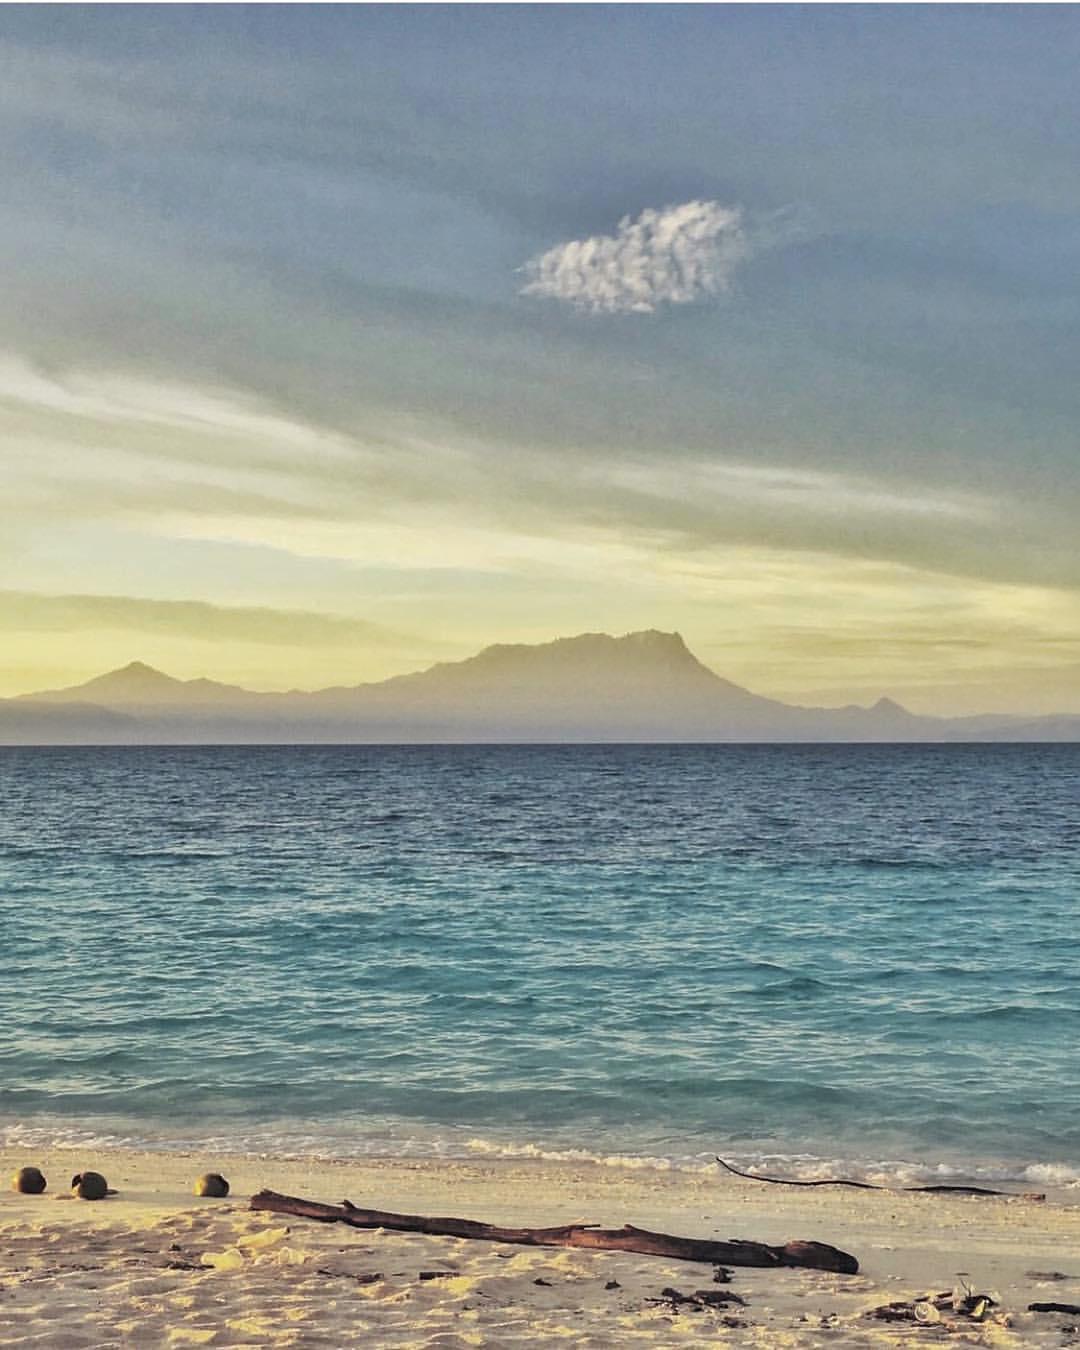 Tempat-Menarik-Di-Sabah-Gunung-Kinabalu-0-4